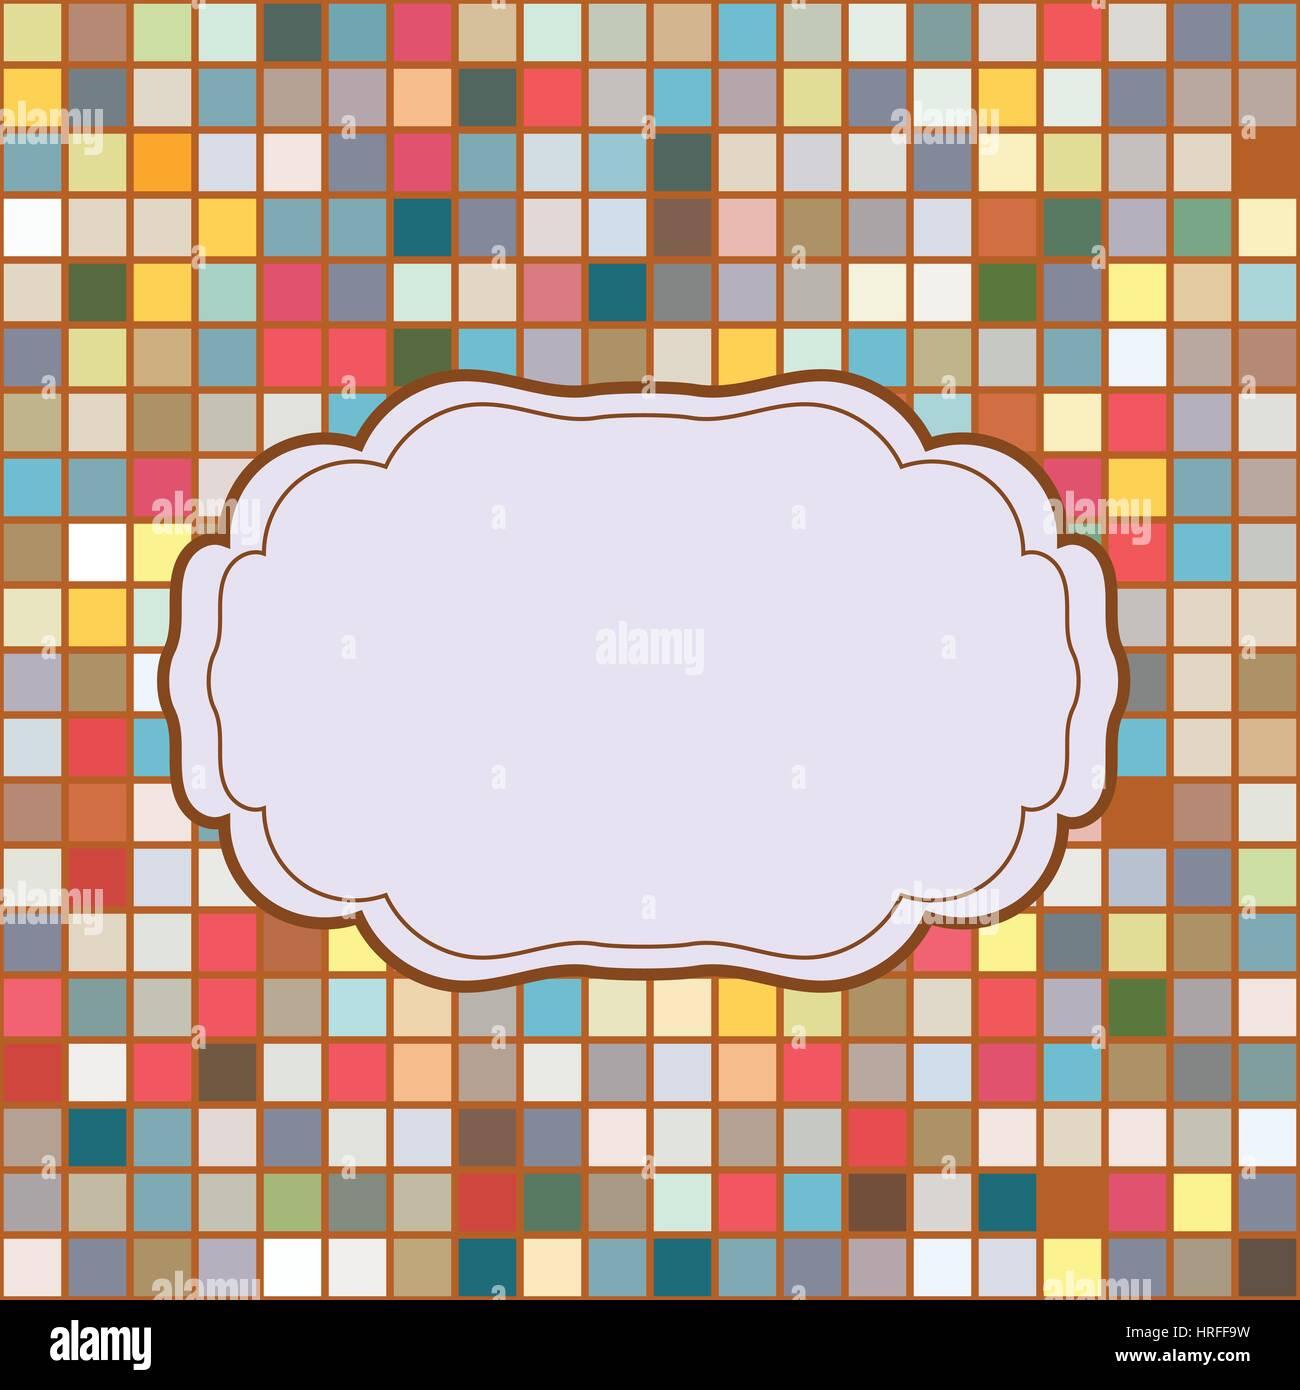 Mosaik Rahmen Platz für Text Einladung Vektor Abbildung - Bild ...